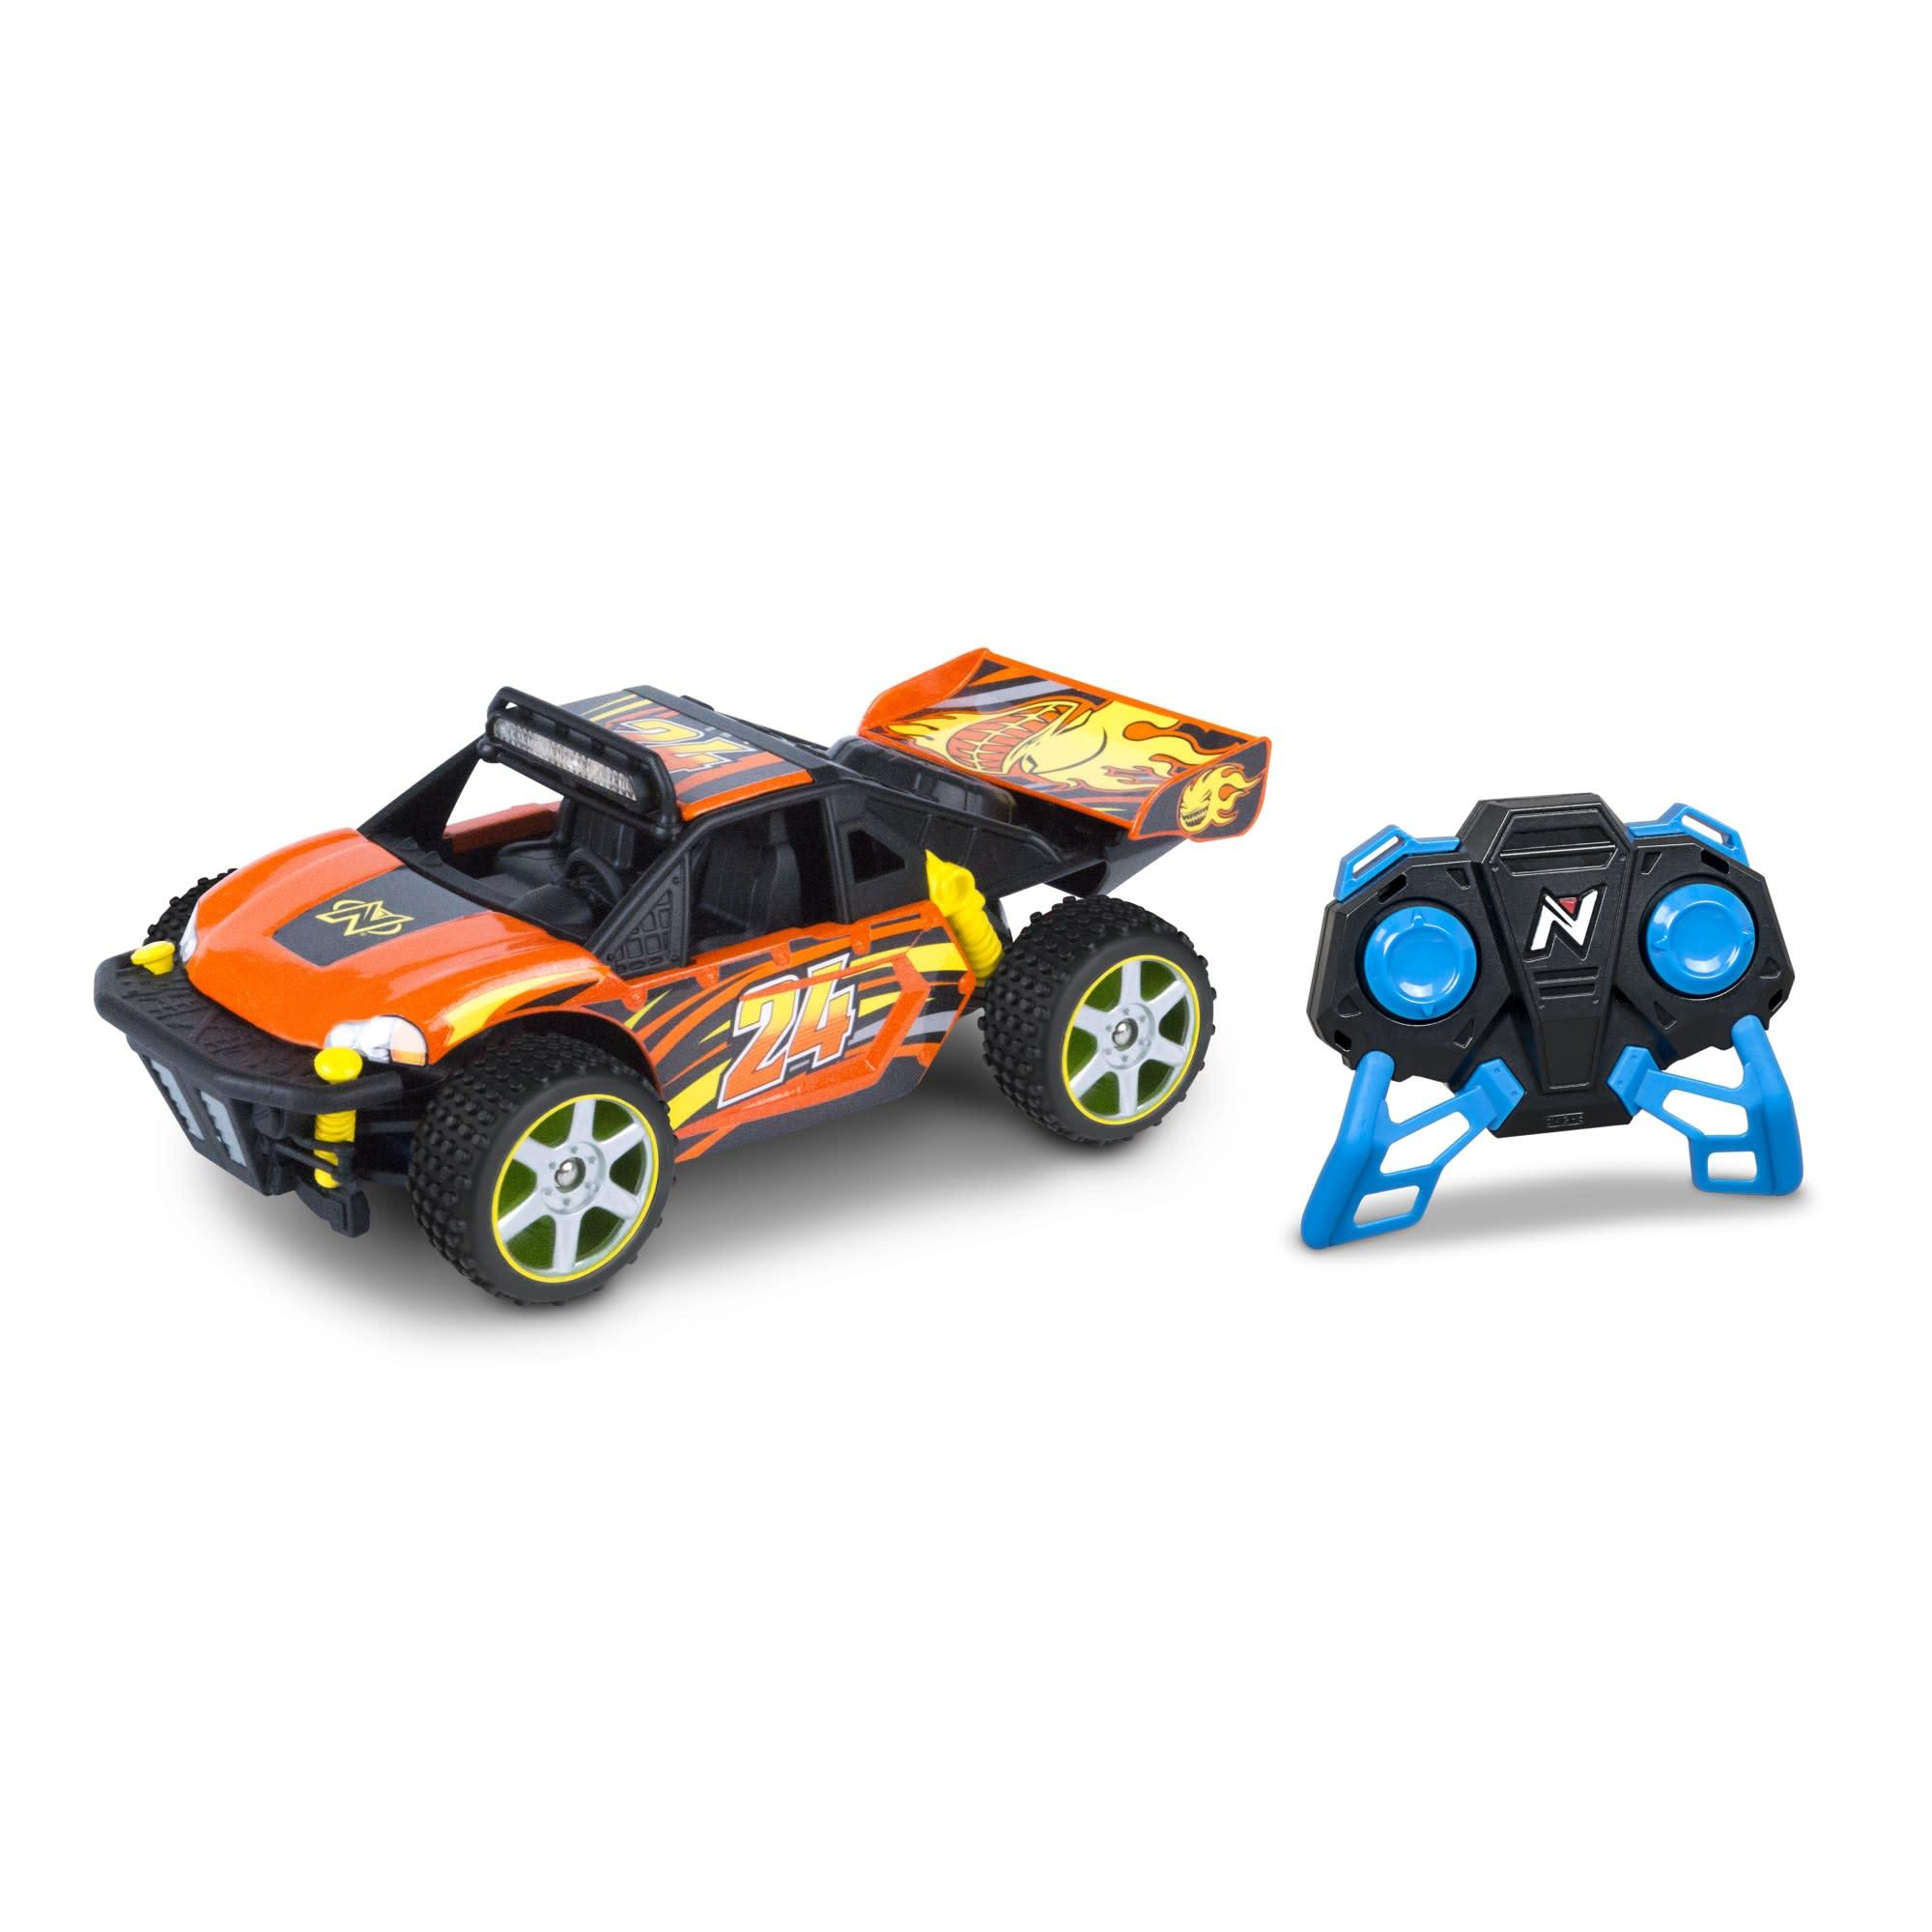 Nikko - Race Buggies 23 cm - Hyper Blaze (10041)